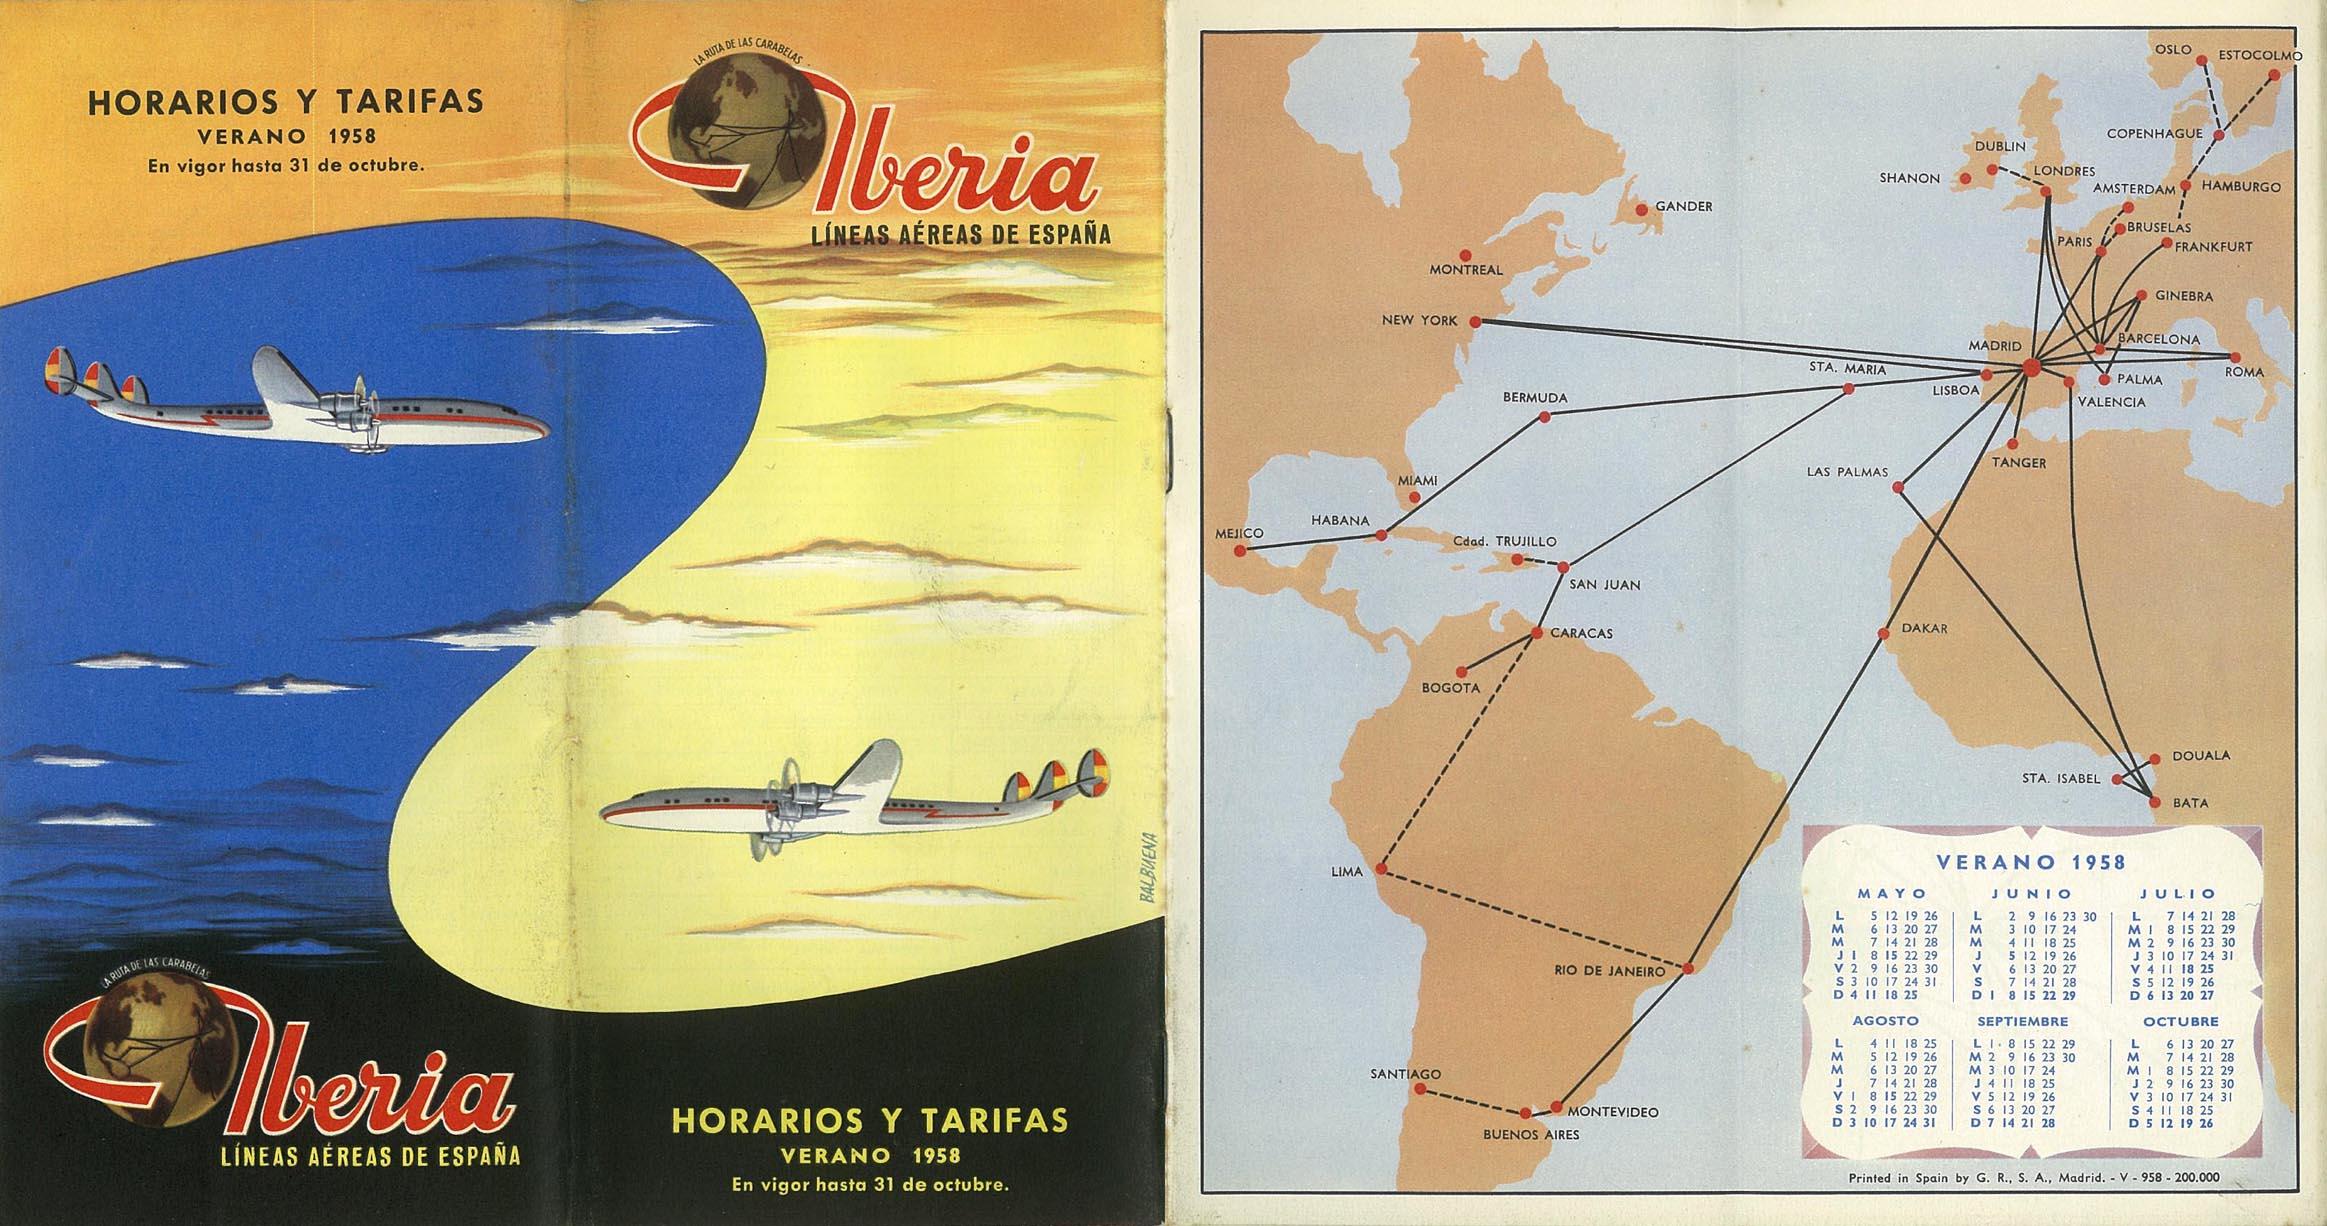 Portada de Tabla de horarios y tarifas de Iberia, de 1958. Colección de Diederik R. Vels Heijn.